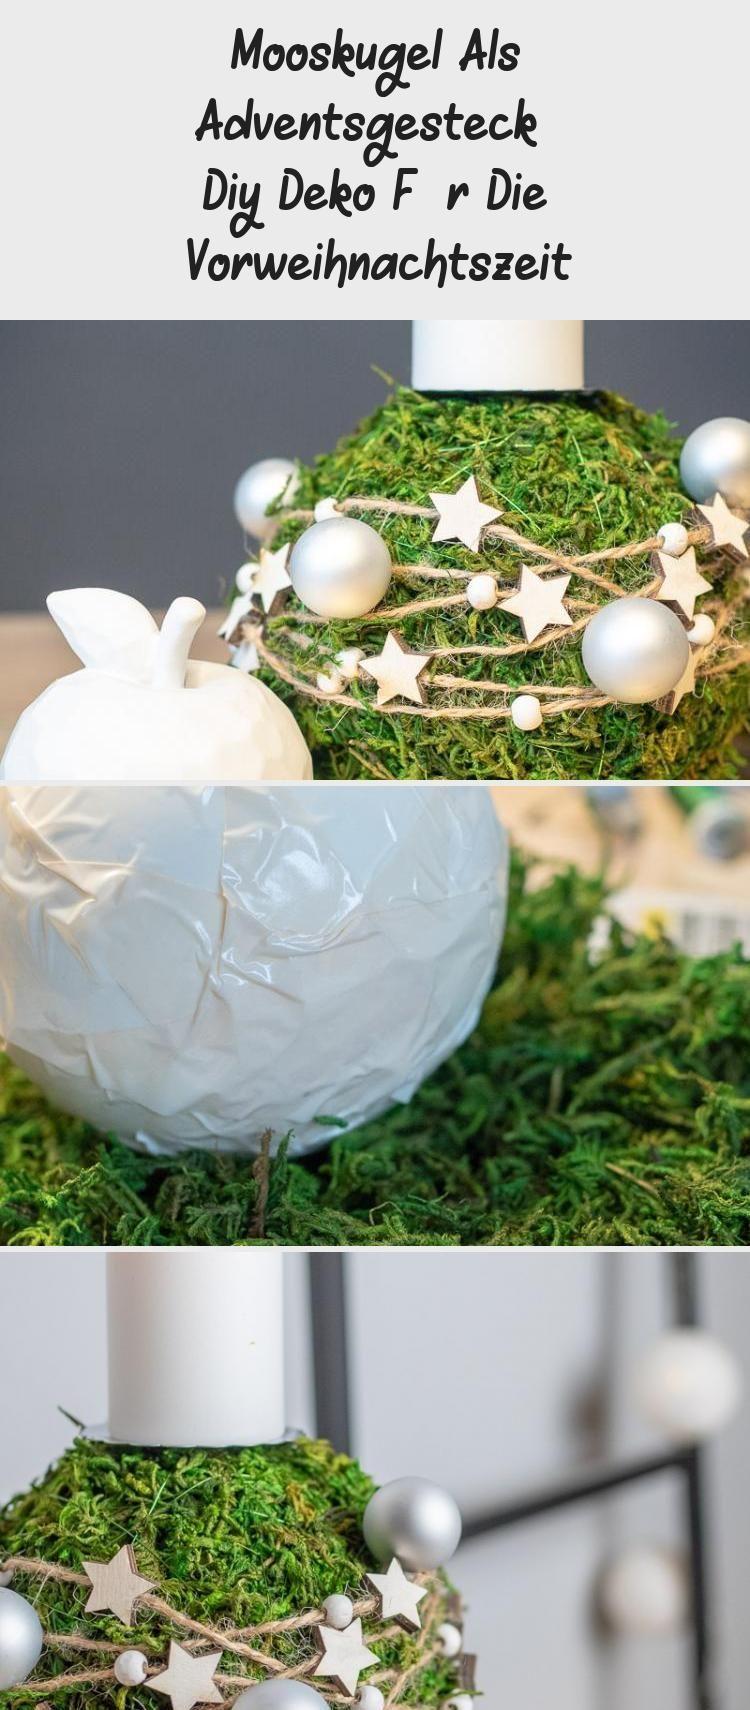 Mooskugel Als Adventsgesteck – Diy Deko Für Die Vorweihnachtszeit  mooskugel …,  #Adventsge…